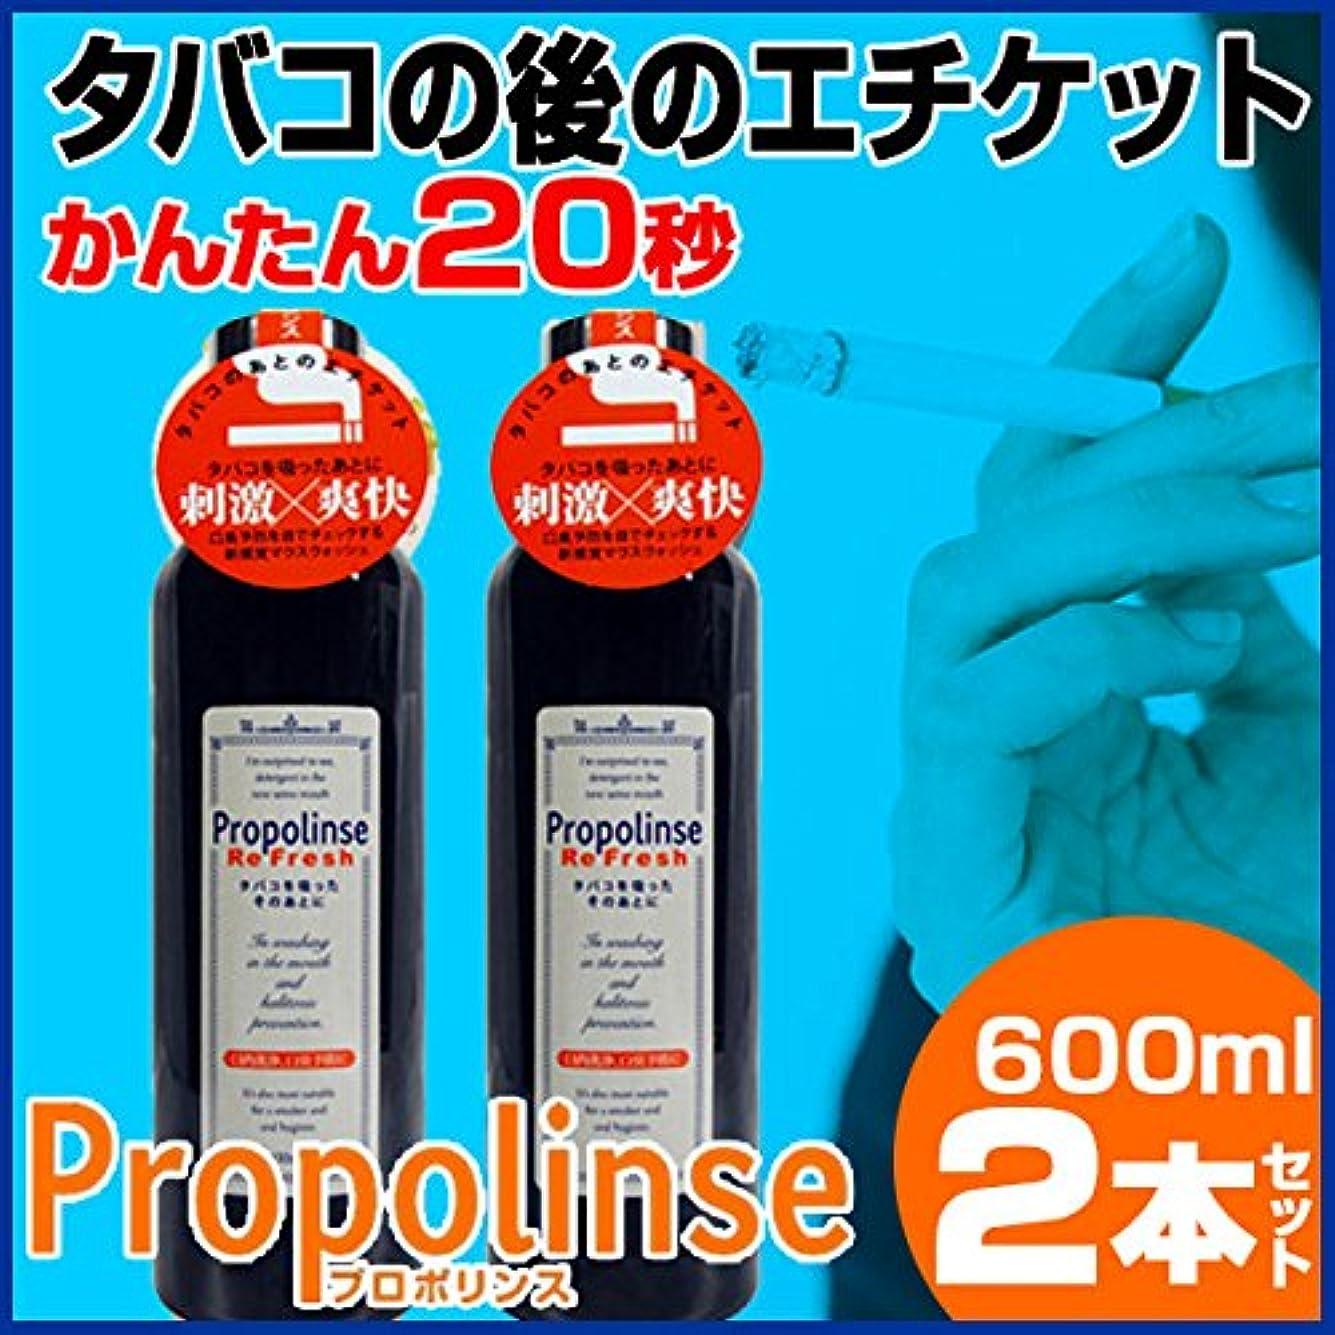 校長間に合わせ心配するプロポリンス リフレッシュ600ml【まとめ買い2個セット】